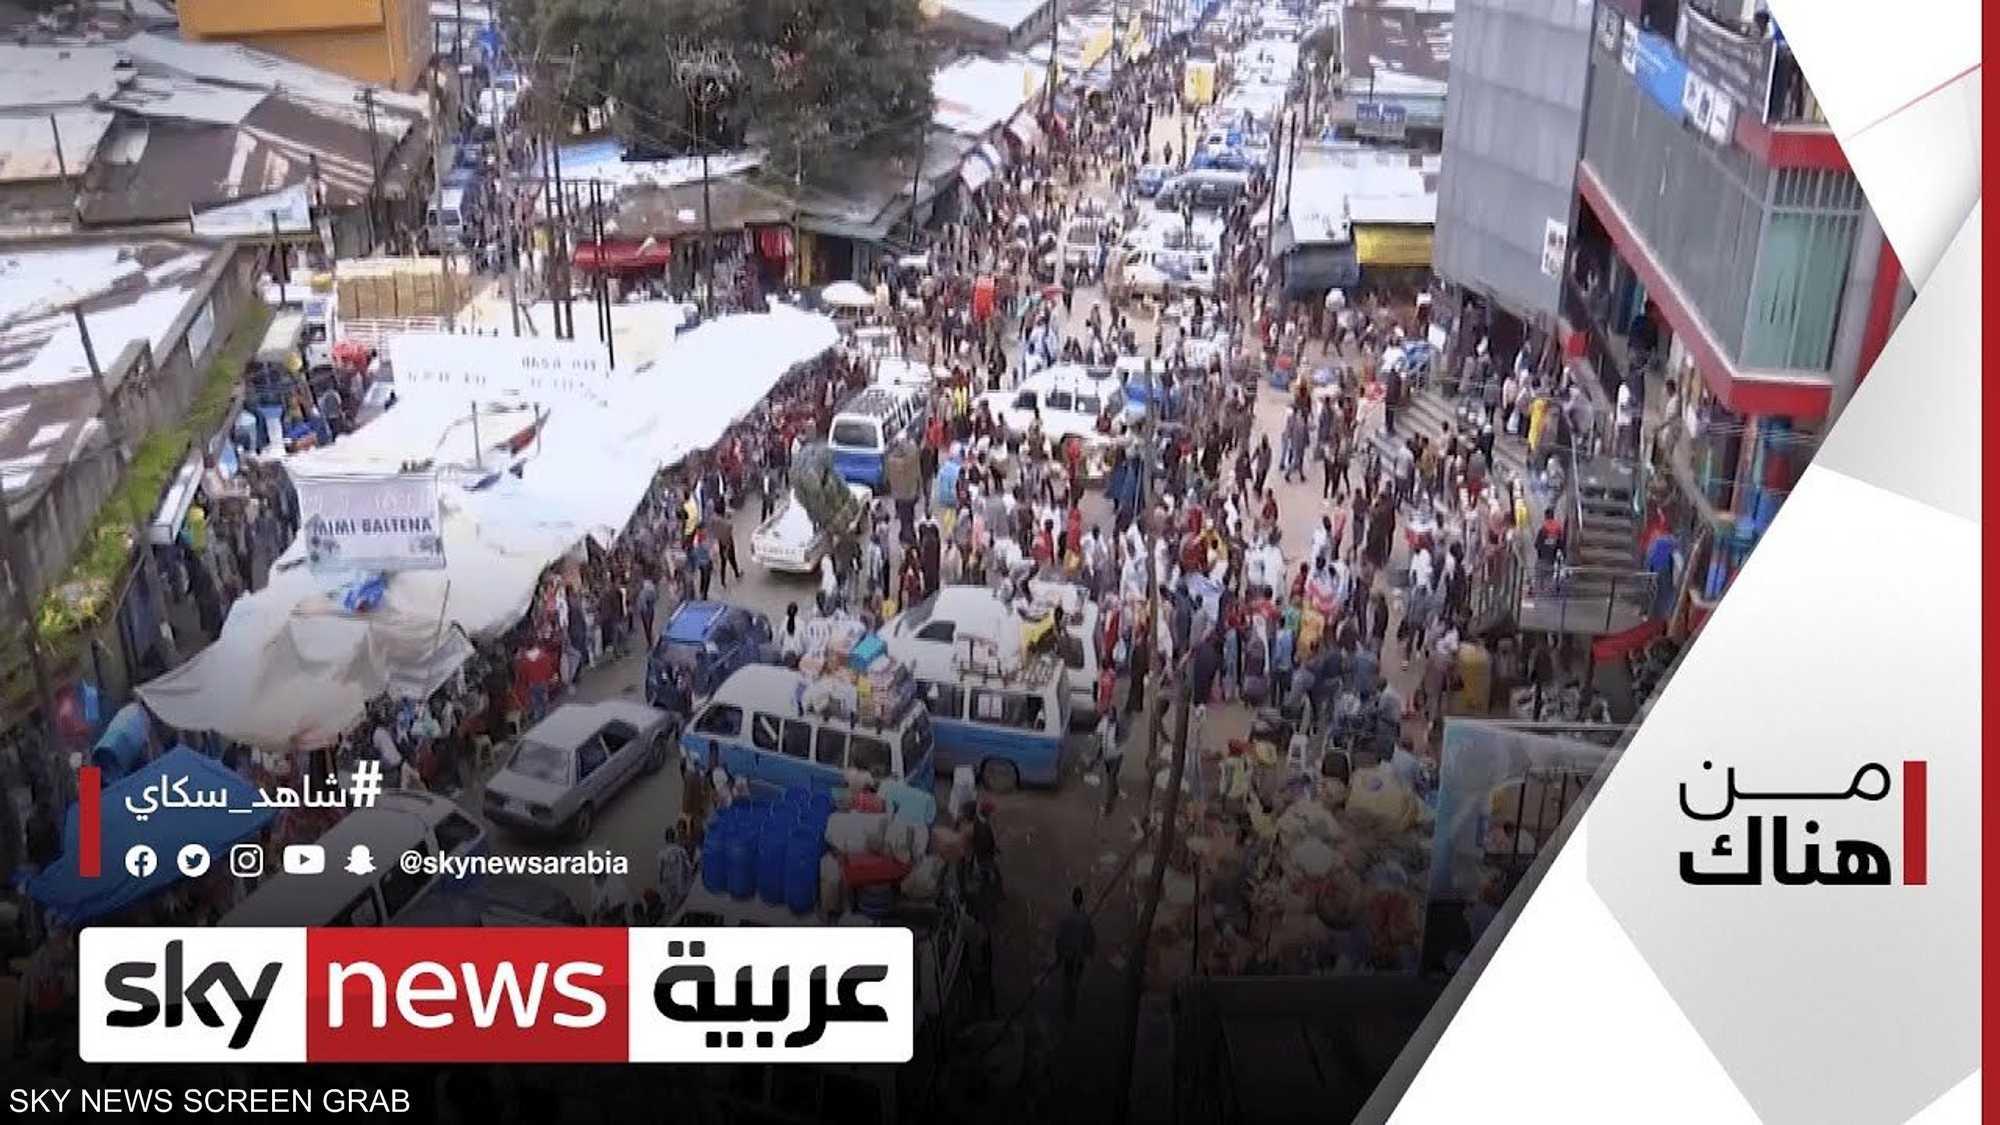 سوق ميركاتو.. أحد أكبر الأسواق الشعبية في القارة السمراء